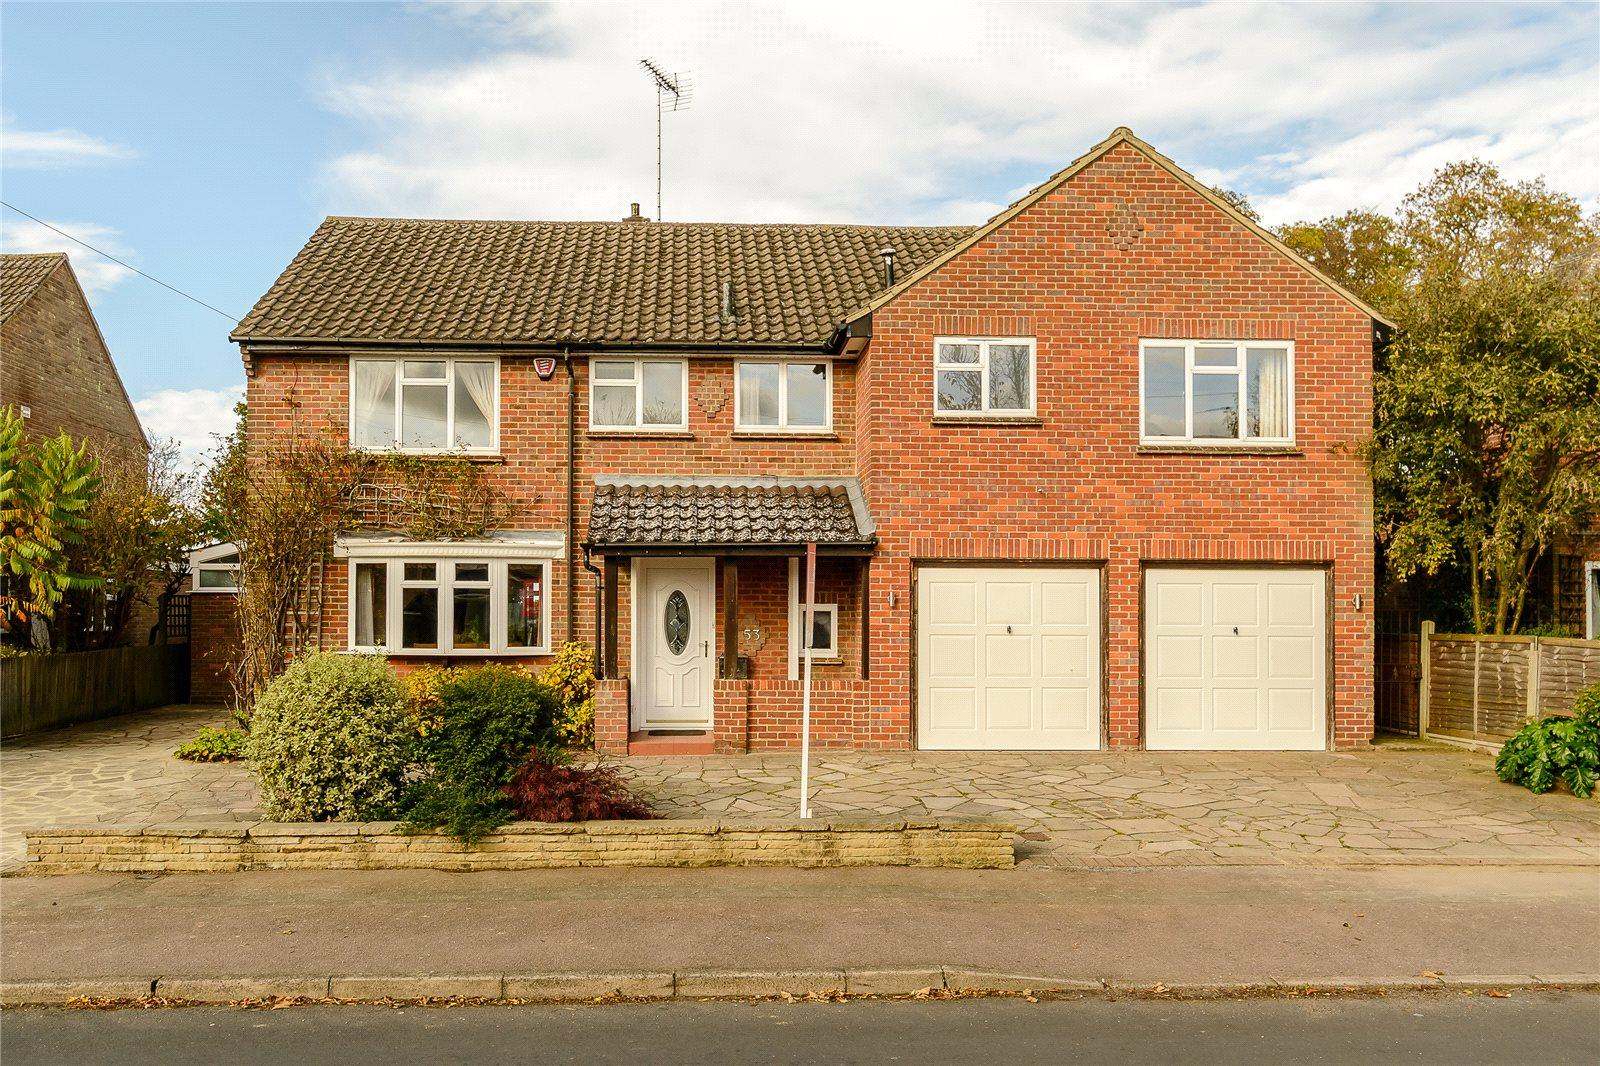 一戸建て のために 売買 アット Bloomfield Road, Harpenden, Hertfordshire, AL5 Harpenden, イギリス